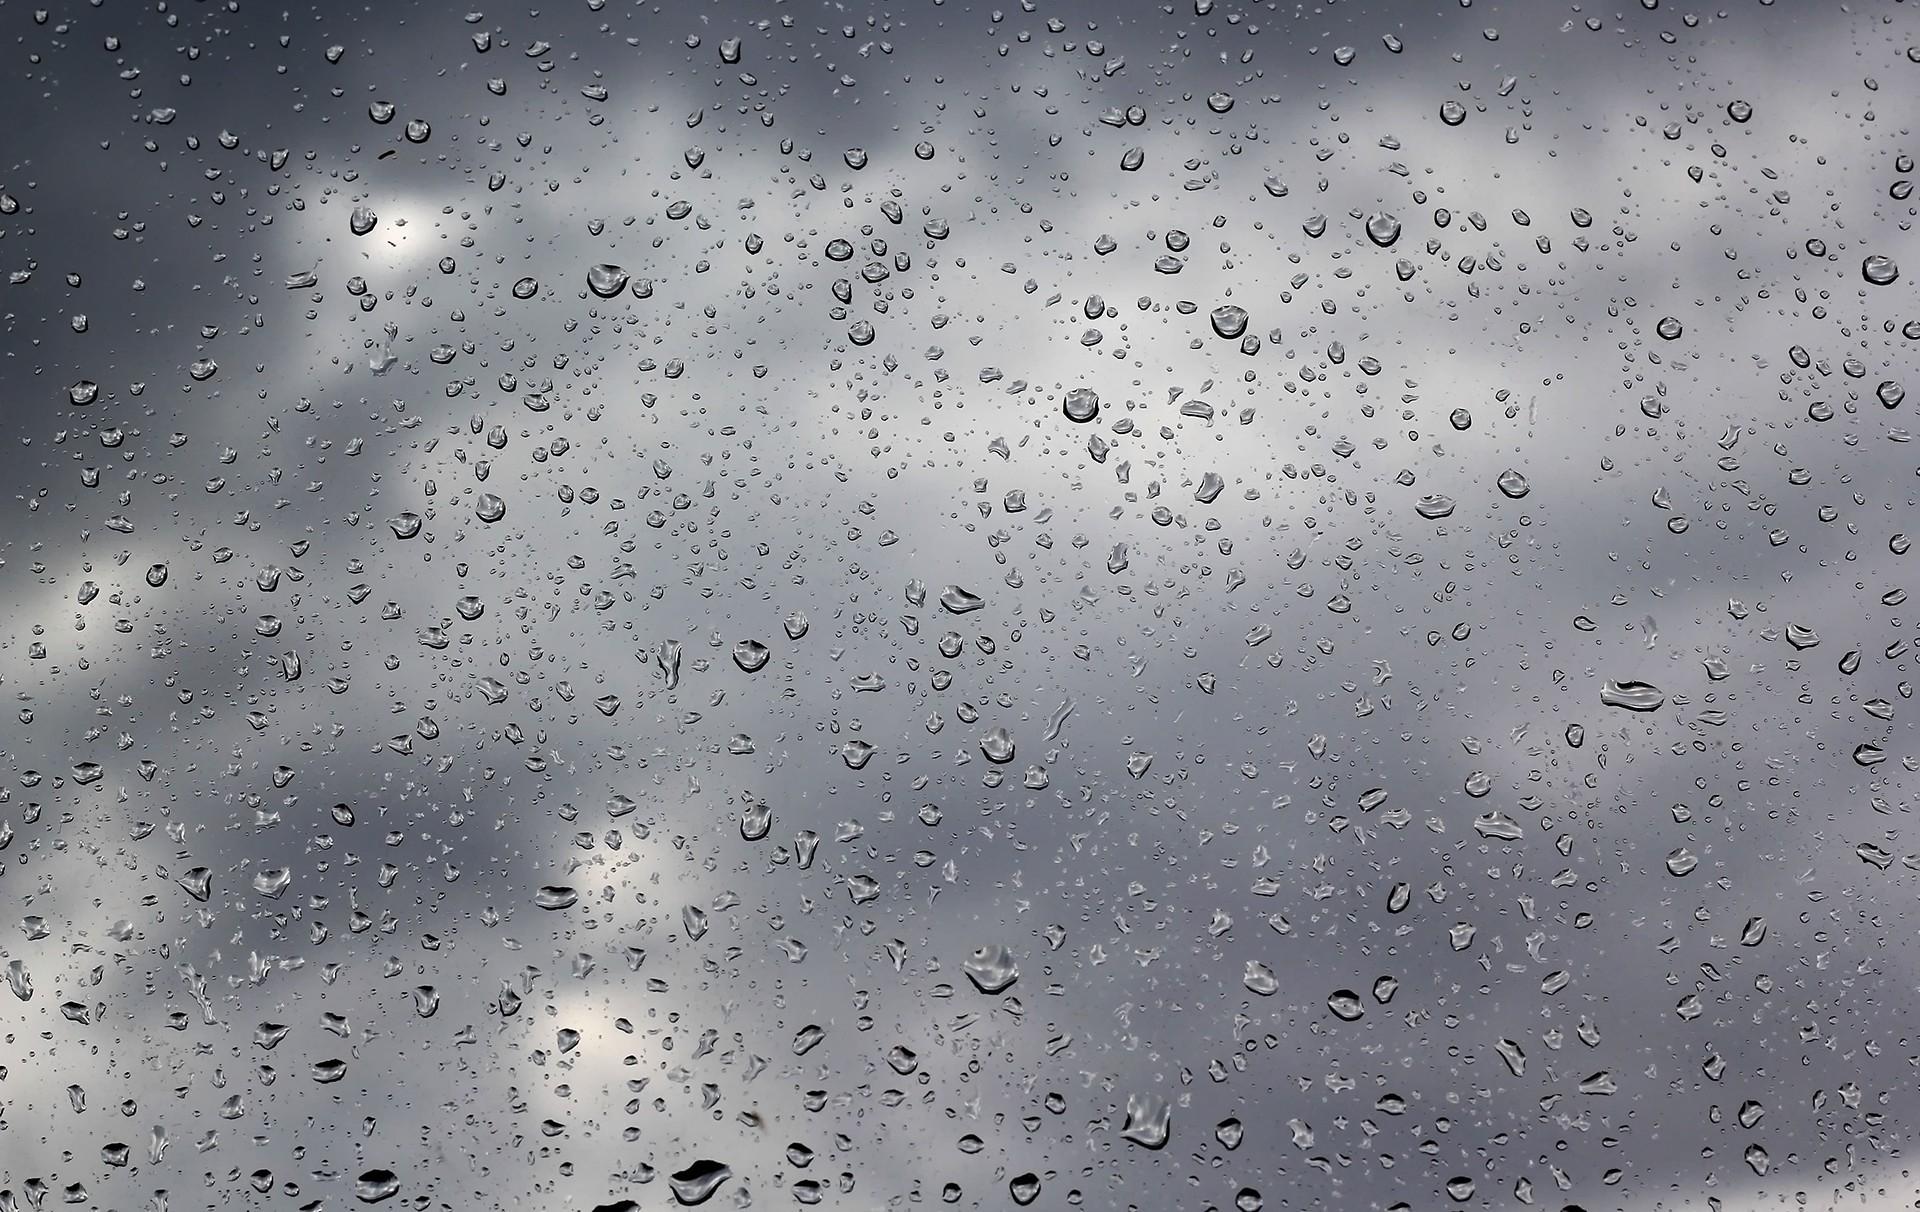 81093 скачать обои Текстуры, Вода, Дождь, Капли, Стекло, Пасмурно, Тучи - заставки и картинки бесплатно